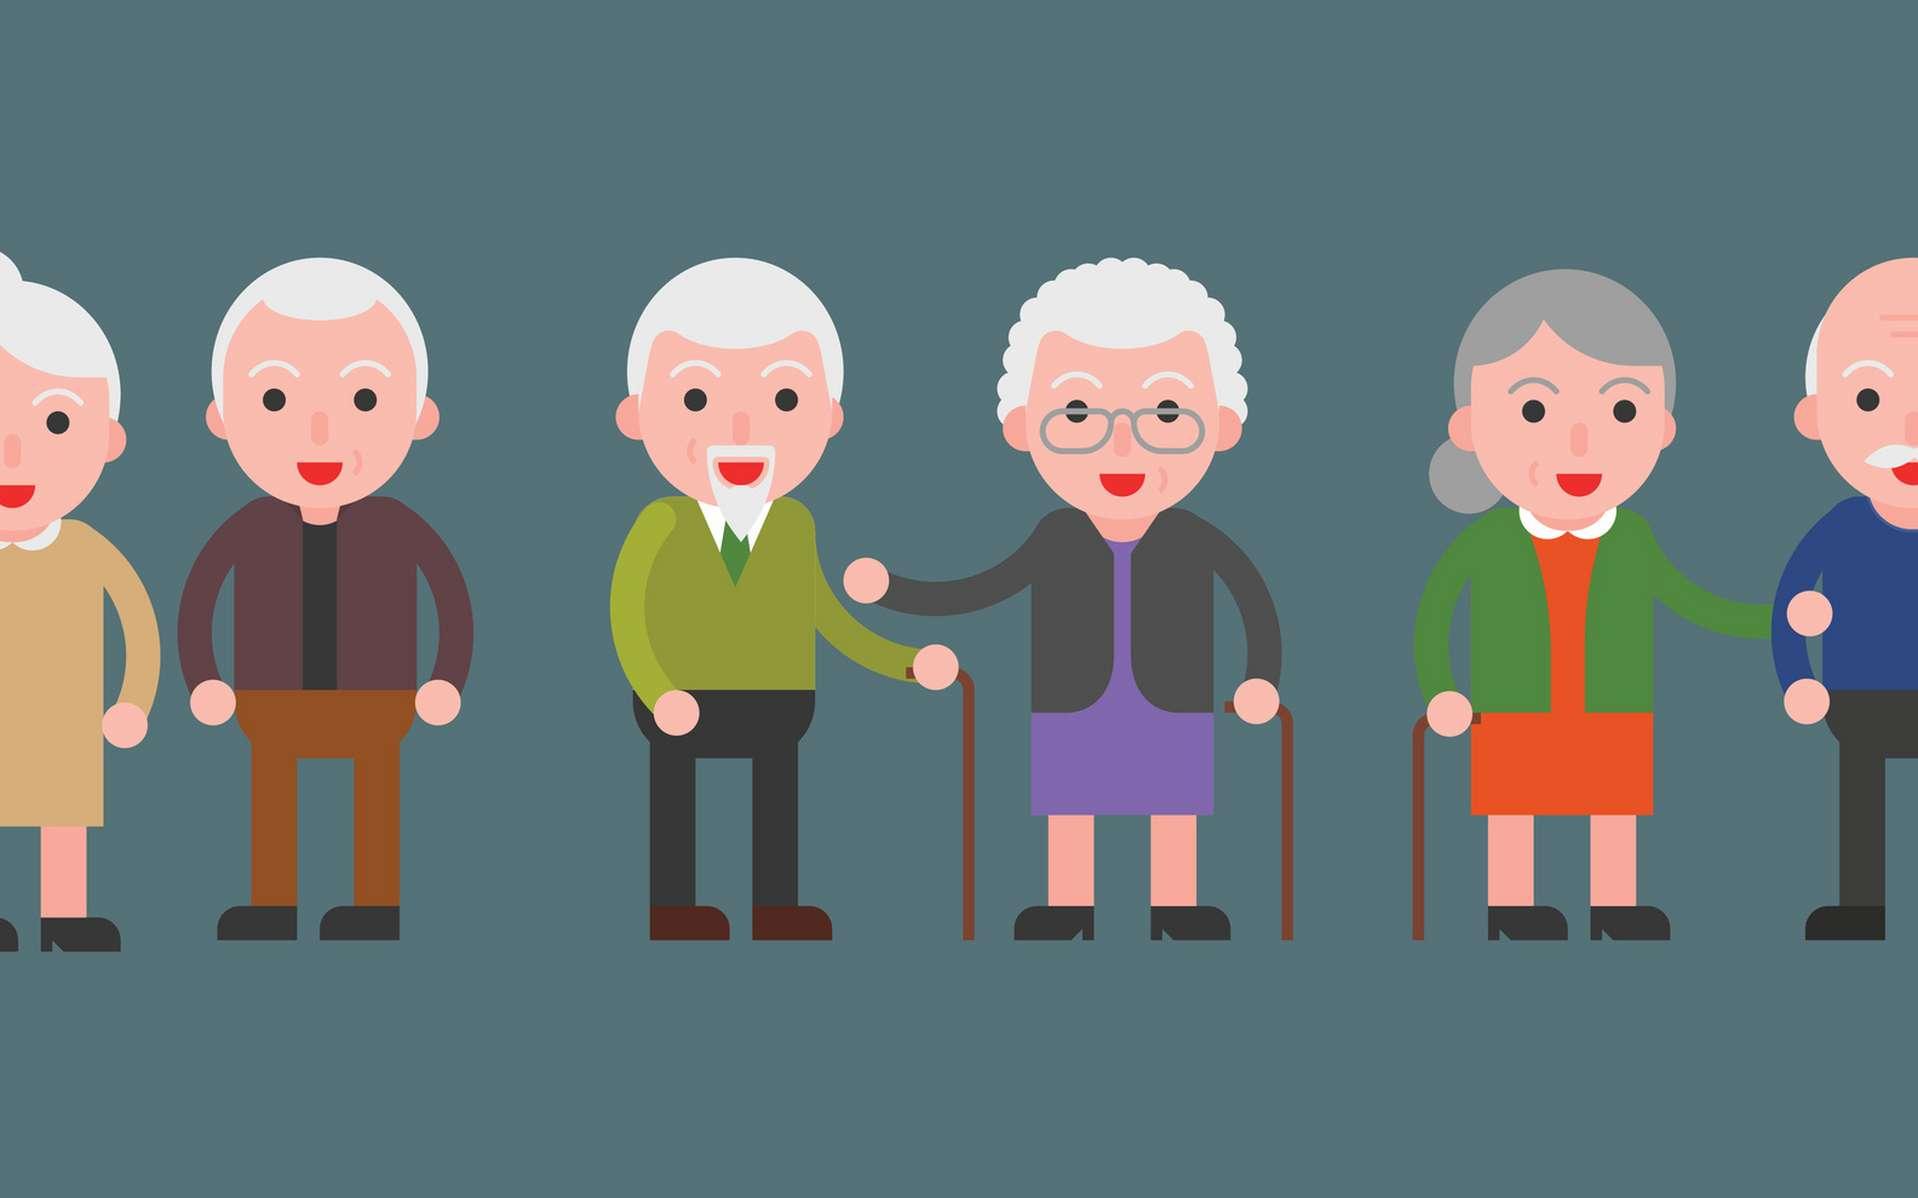 Un nouveau classement de l'espérance de vie rebat les cartes. © lukpedclub, Fotolia